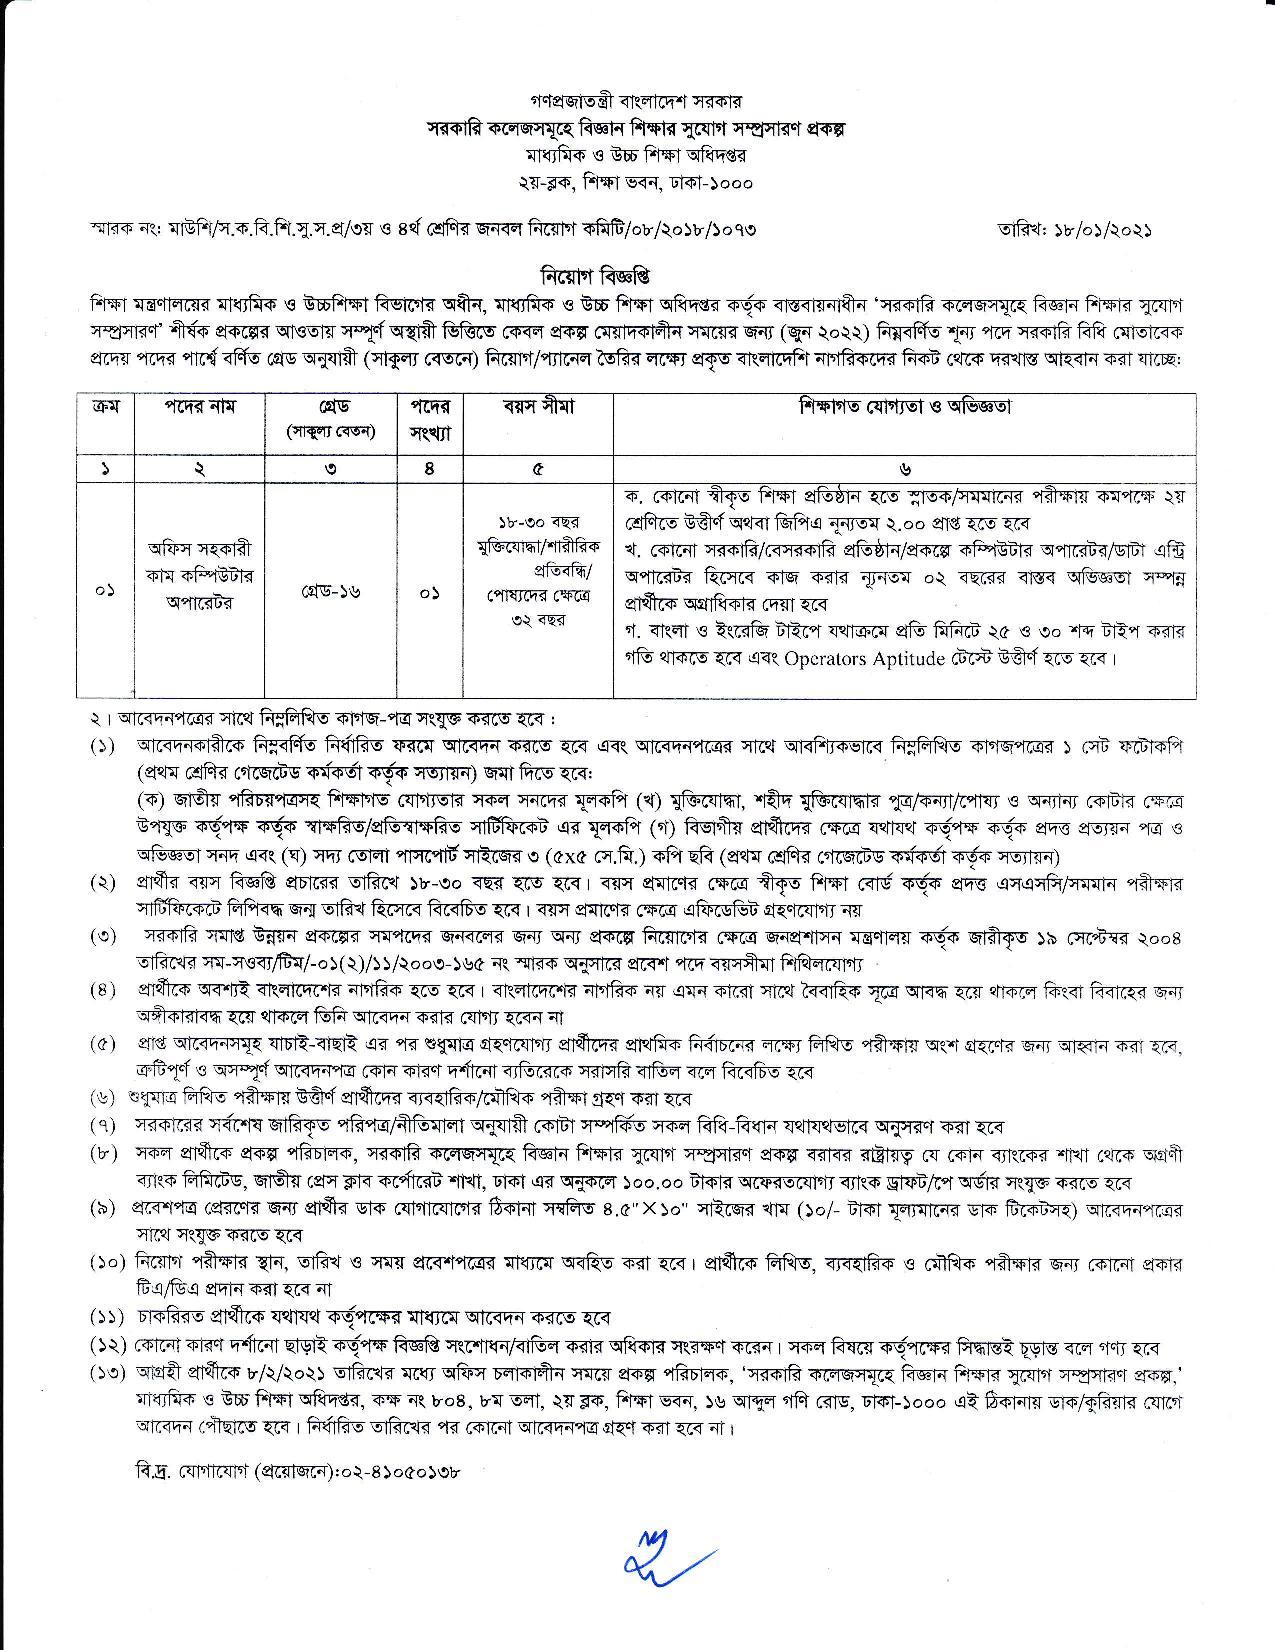 মাধ্যমিক ও উচ্চ শিক্ষা অধিদপ্তর নিয়োগ বিজ্ঞপ্তি ২০২১ - Directorate of Secondary and Higher Education (DSHE) Job circular 2021